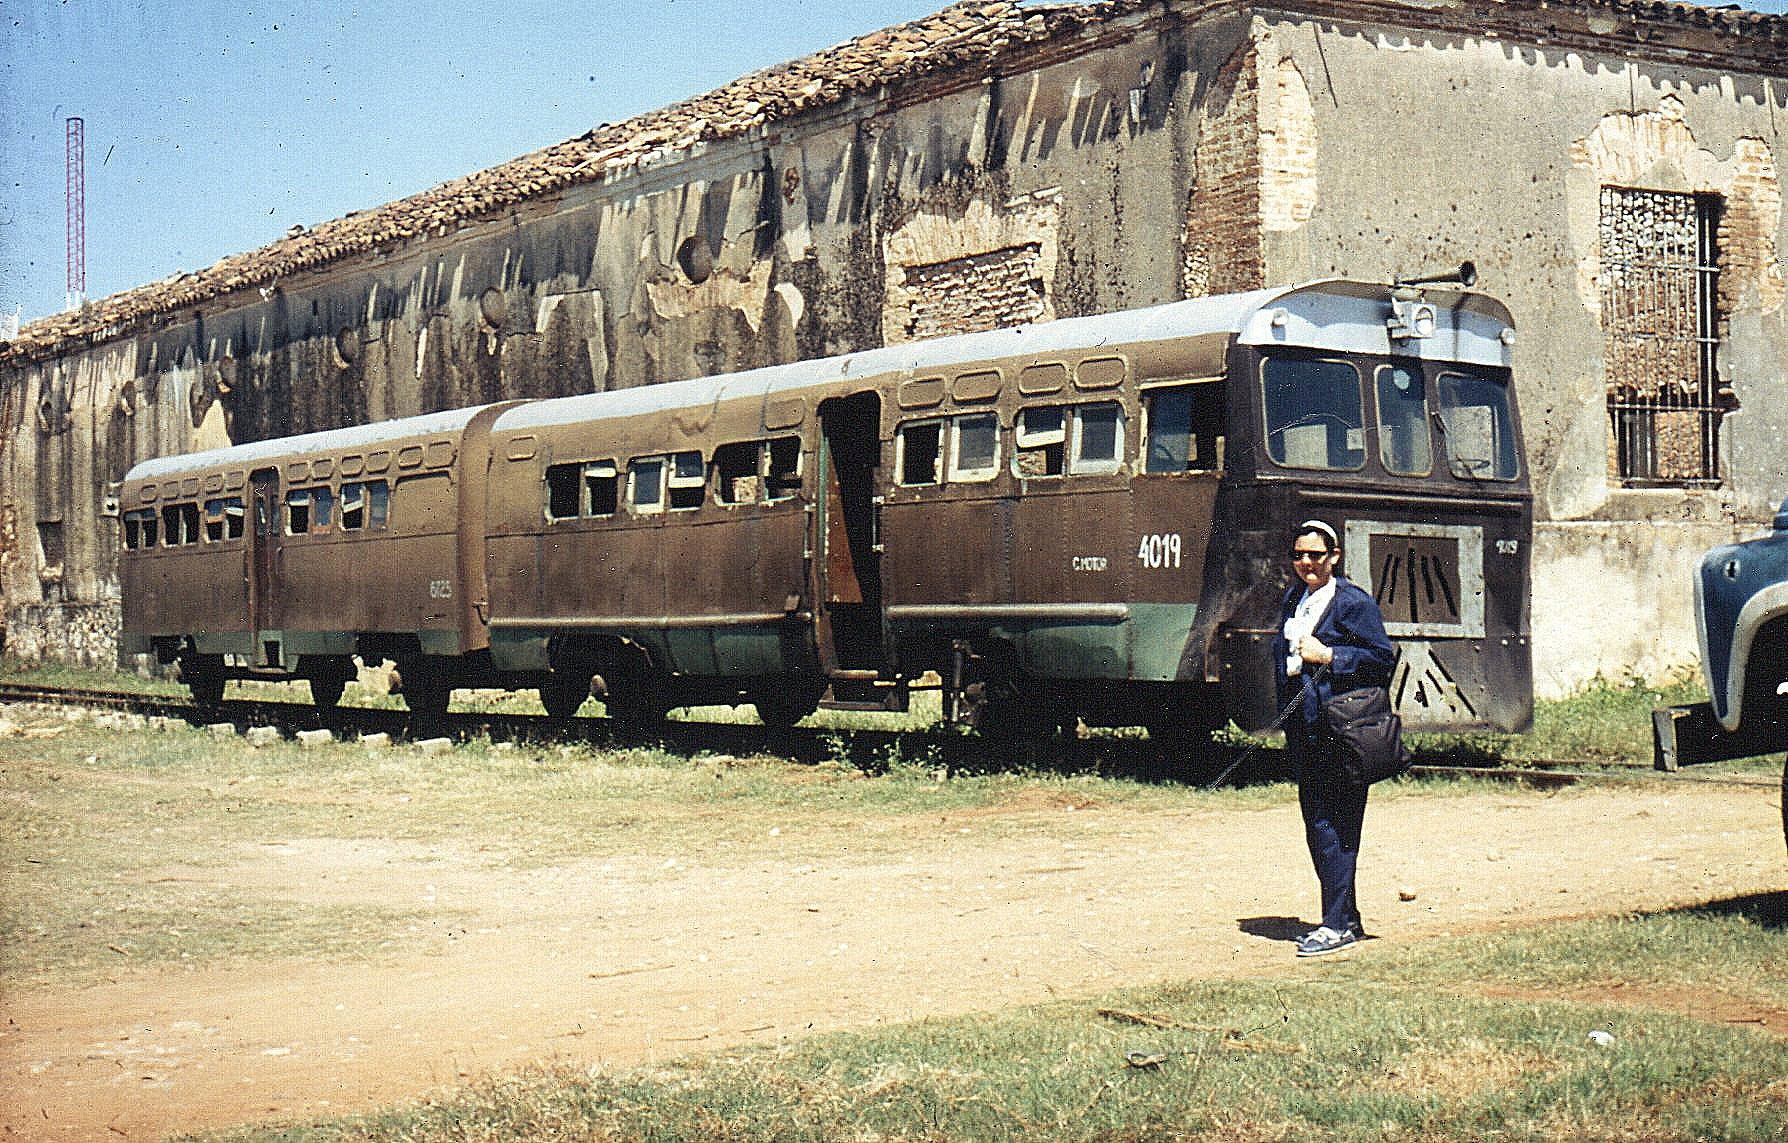 Materiel på banegården i Trinidad. Motorvogn FCC 4019 med kun ét førerhus af typen Pionero bygget i Cuba fra 1970 af importerede dele fra østblokken. Sovjetisk motor på 120 hk., der senere er udskiftet med en Mercedesmotor med mekanisk gearkasse. Vognvægt 20 t. 50 km/t. Antal byggede er ukendt, men i 2003 var fem vogne i drift i Trinidad-området. Motorvognen 4019 kører med personvogn 6725 også af Pionero-typen. Blandt delene er sidepaneler fra GM-busser! Cubanerne sagde i 1998, at 4019 var hensat reserveret til et museum. Den så også ud, som om det indre ugentligt brugtes til contrarevolutionsøvelse. Anden kilde oplyser, at den endnu var i drift 2003.